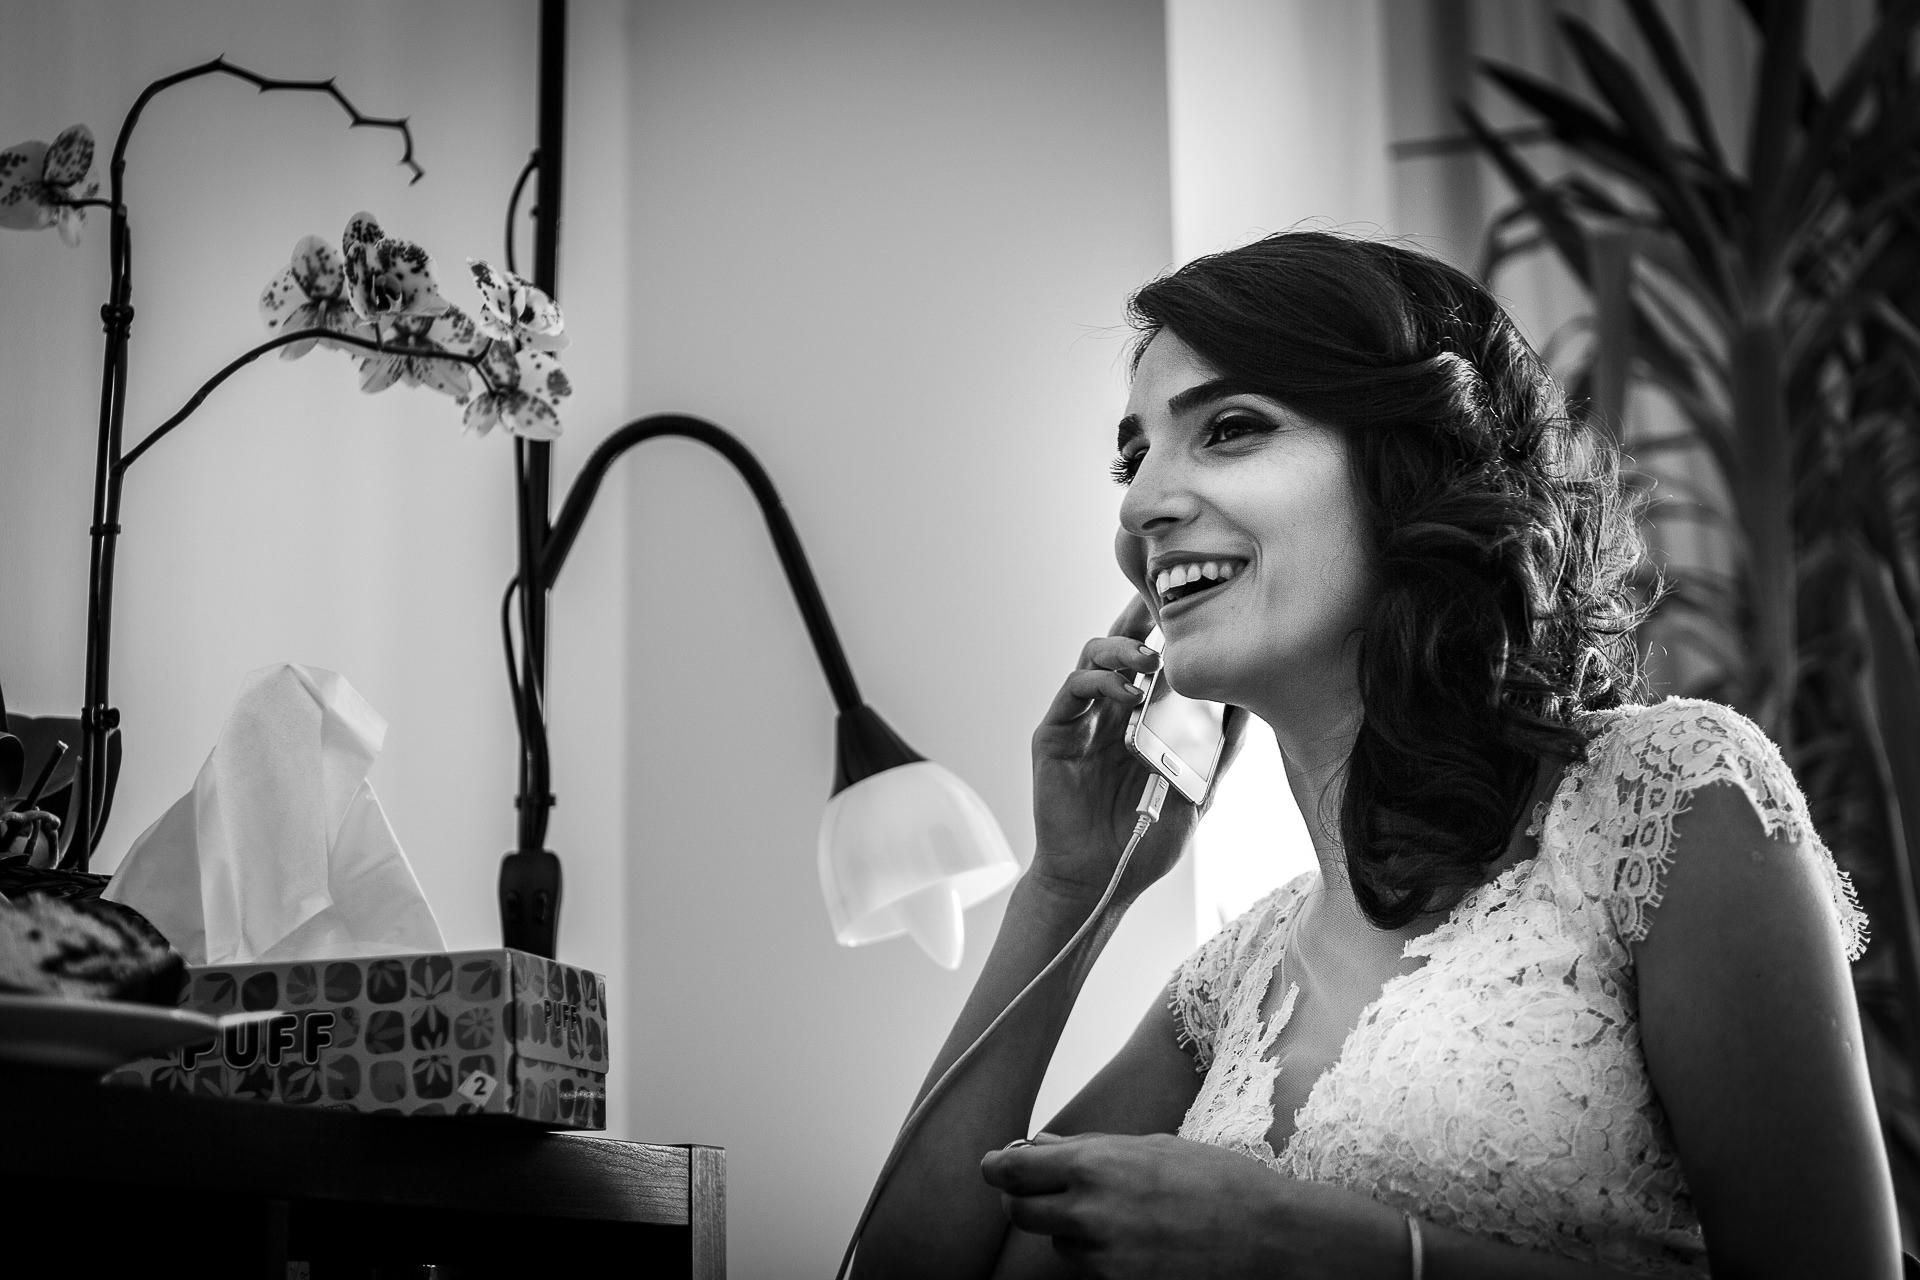 nuntă Salon Elisabeta - Elena şi Costin - Mihai Zaharia Photography - 026